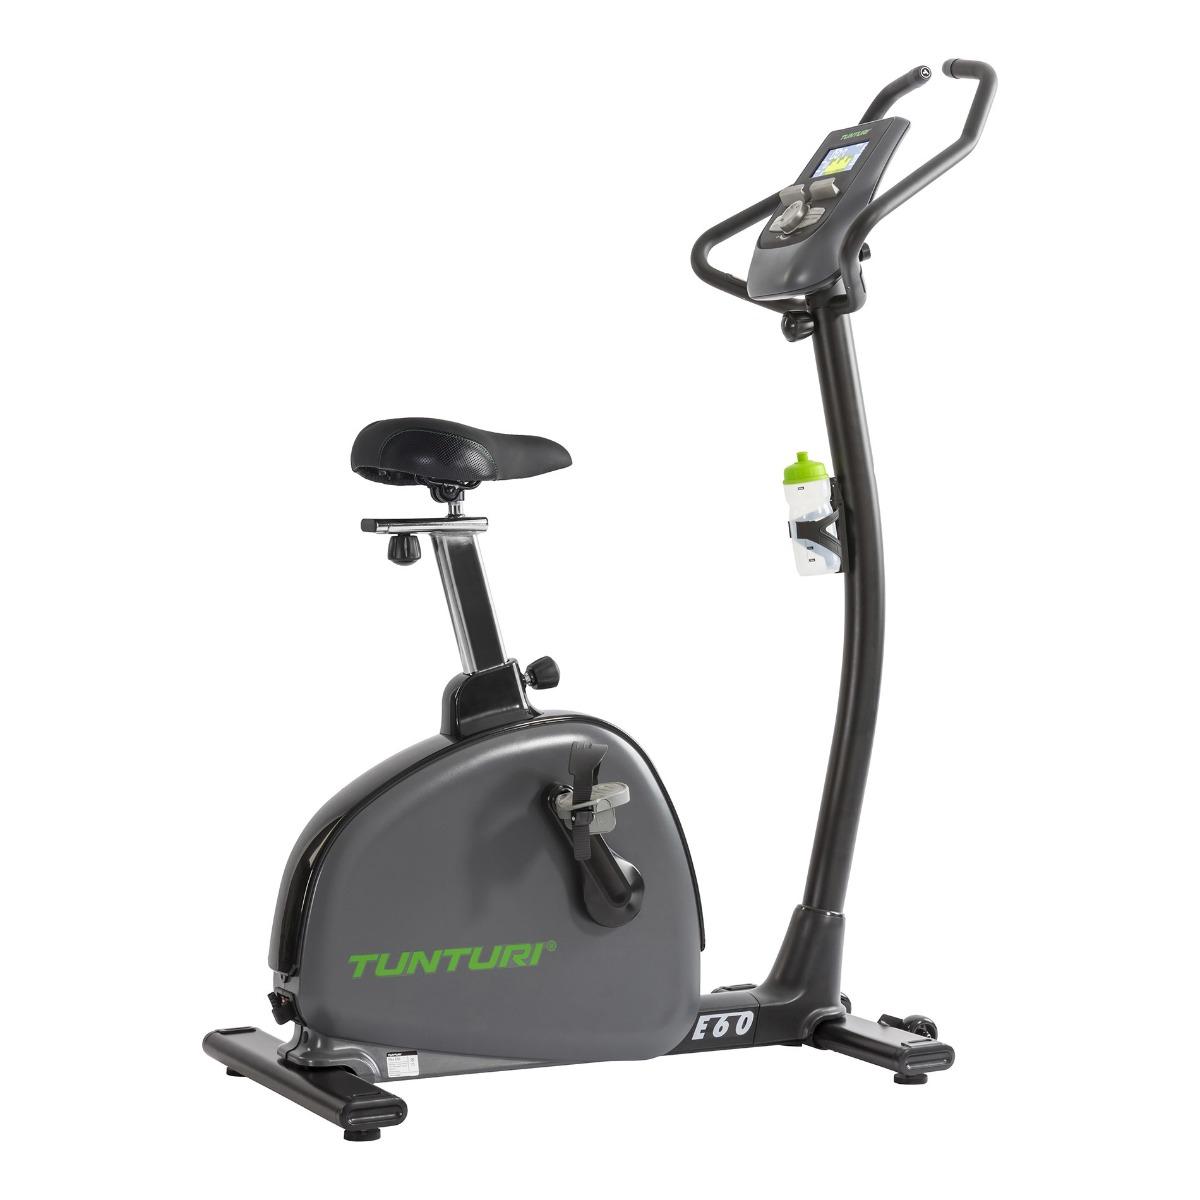 Tunturi Hometrainer Performance E60 - jokasport.nl